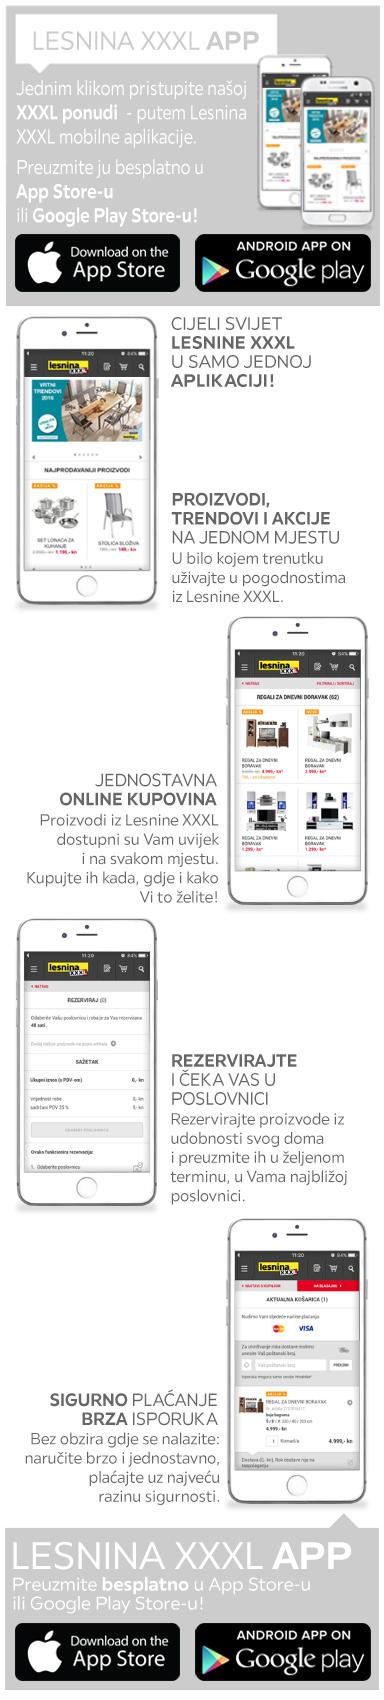 besplatne web stranice za pronalaženje mobilnih aplikacija